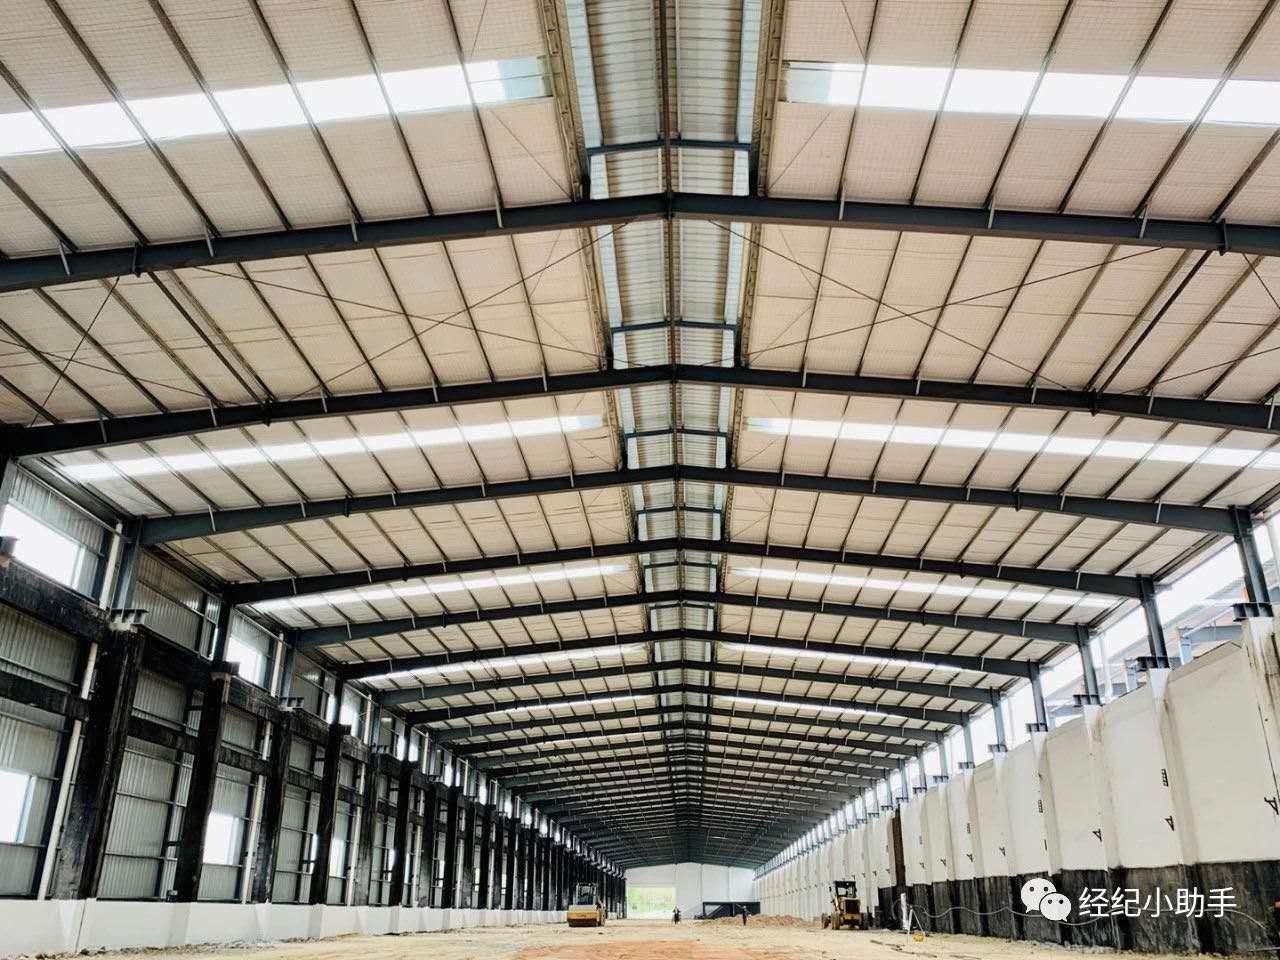 三江镇全新独门独院单一层厂房出租五金机械注塑设备电器等行业